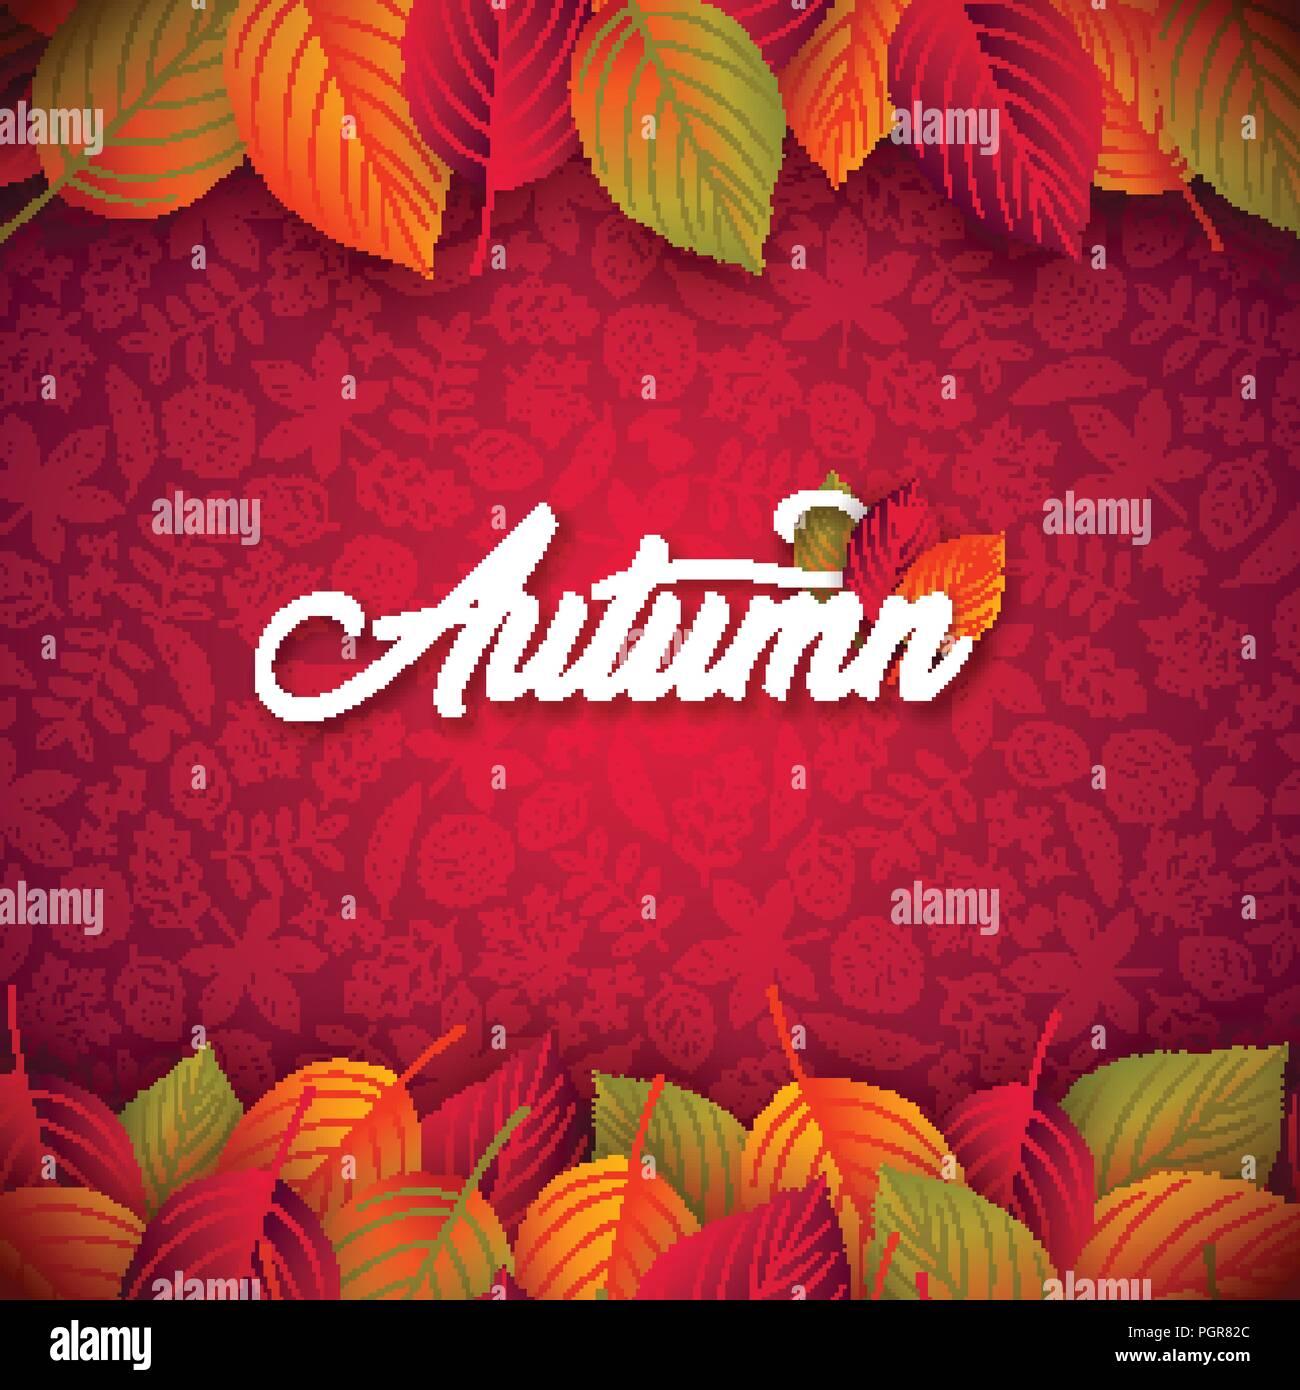 Illustrazione di autunno con foglie che cadono e scritte su sfondo rosso. Autunnale di disegno vettoriale con mano scarabocchi disegnati per il biglietto di auguri, Banner, flyer, Invito, opuscolo o poster promozionali. Immagini Stock